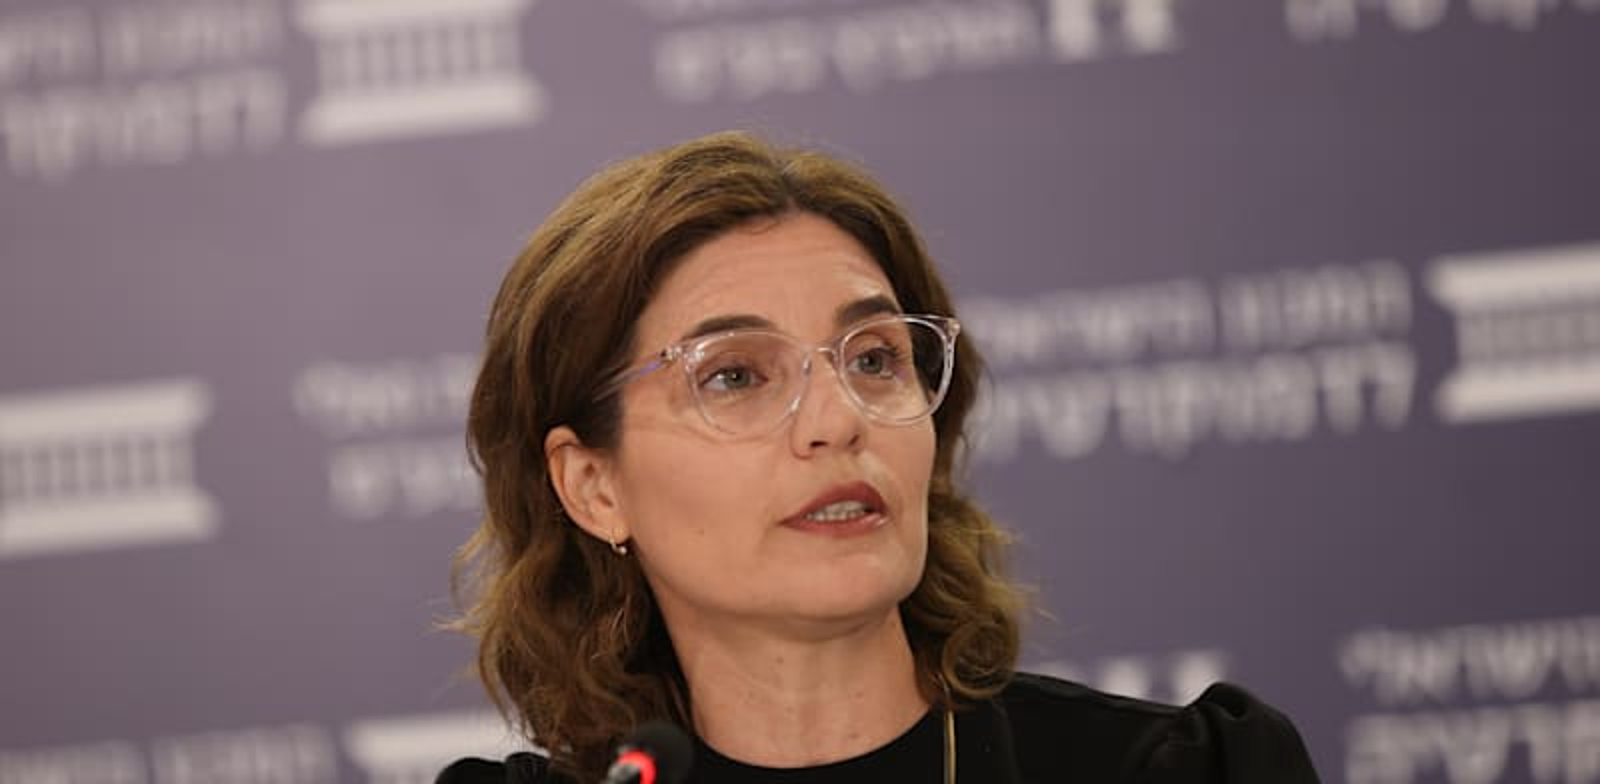 השרה להגנת הסביבה, תמר זנדברג / צילום: המכון הישראלי לדמוקרטיה